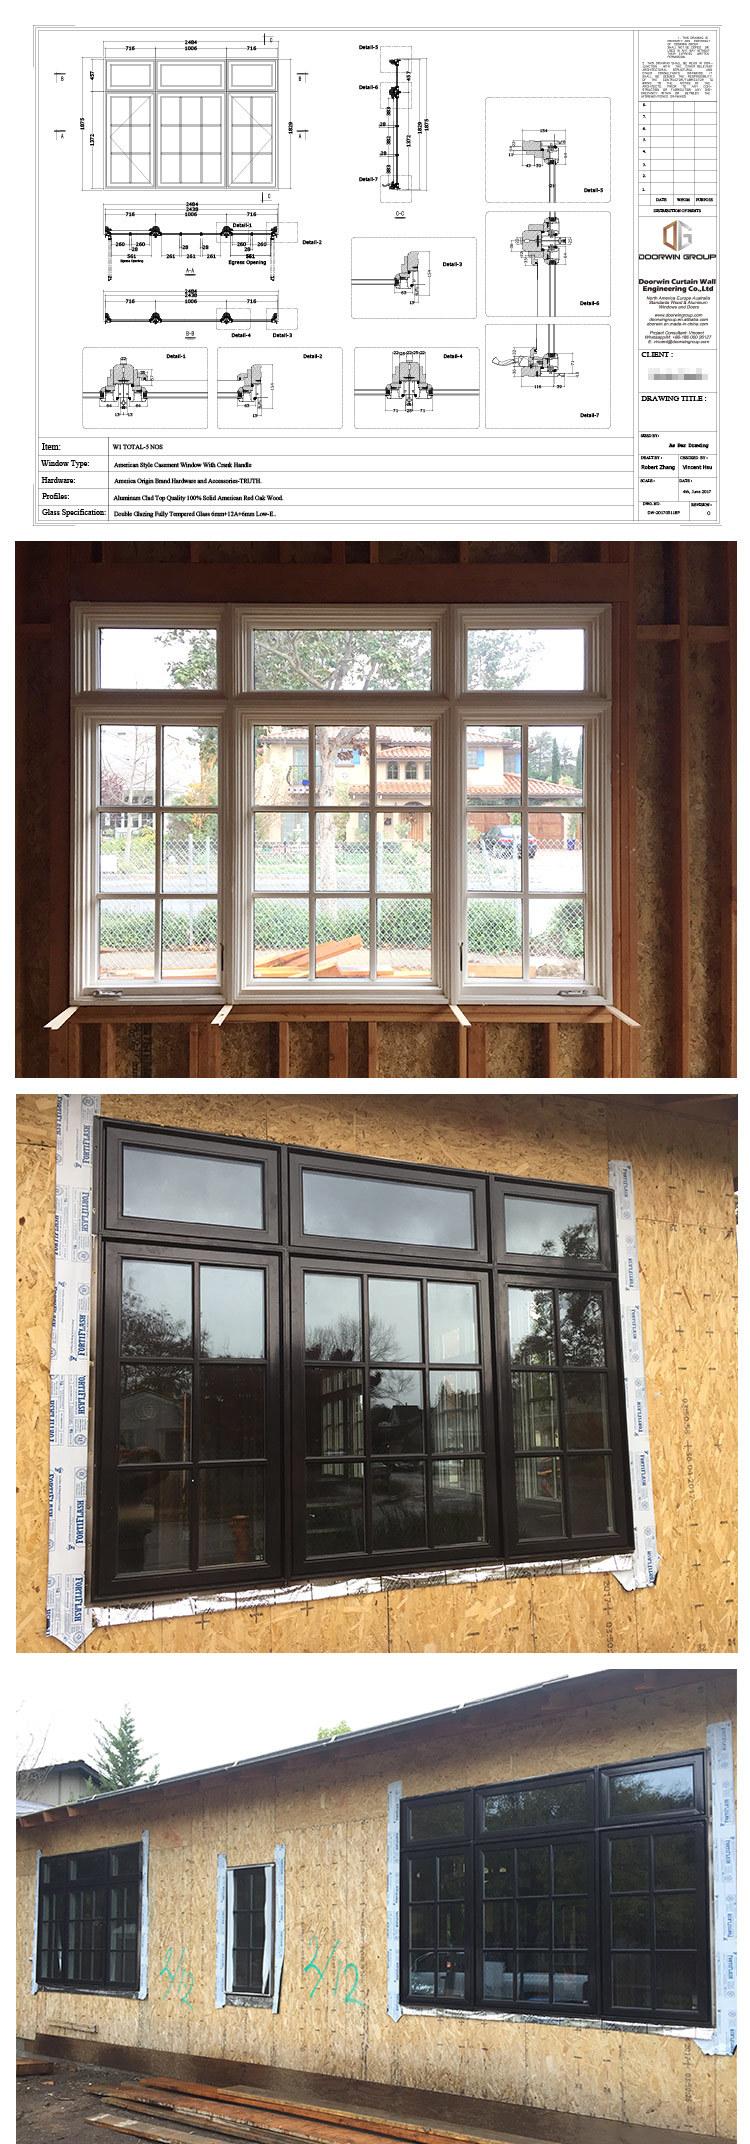 Balcony Grill Designs Australian Standard Windows American Window